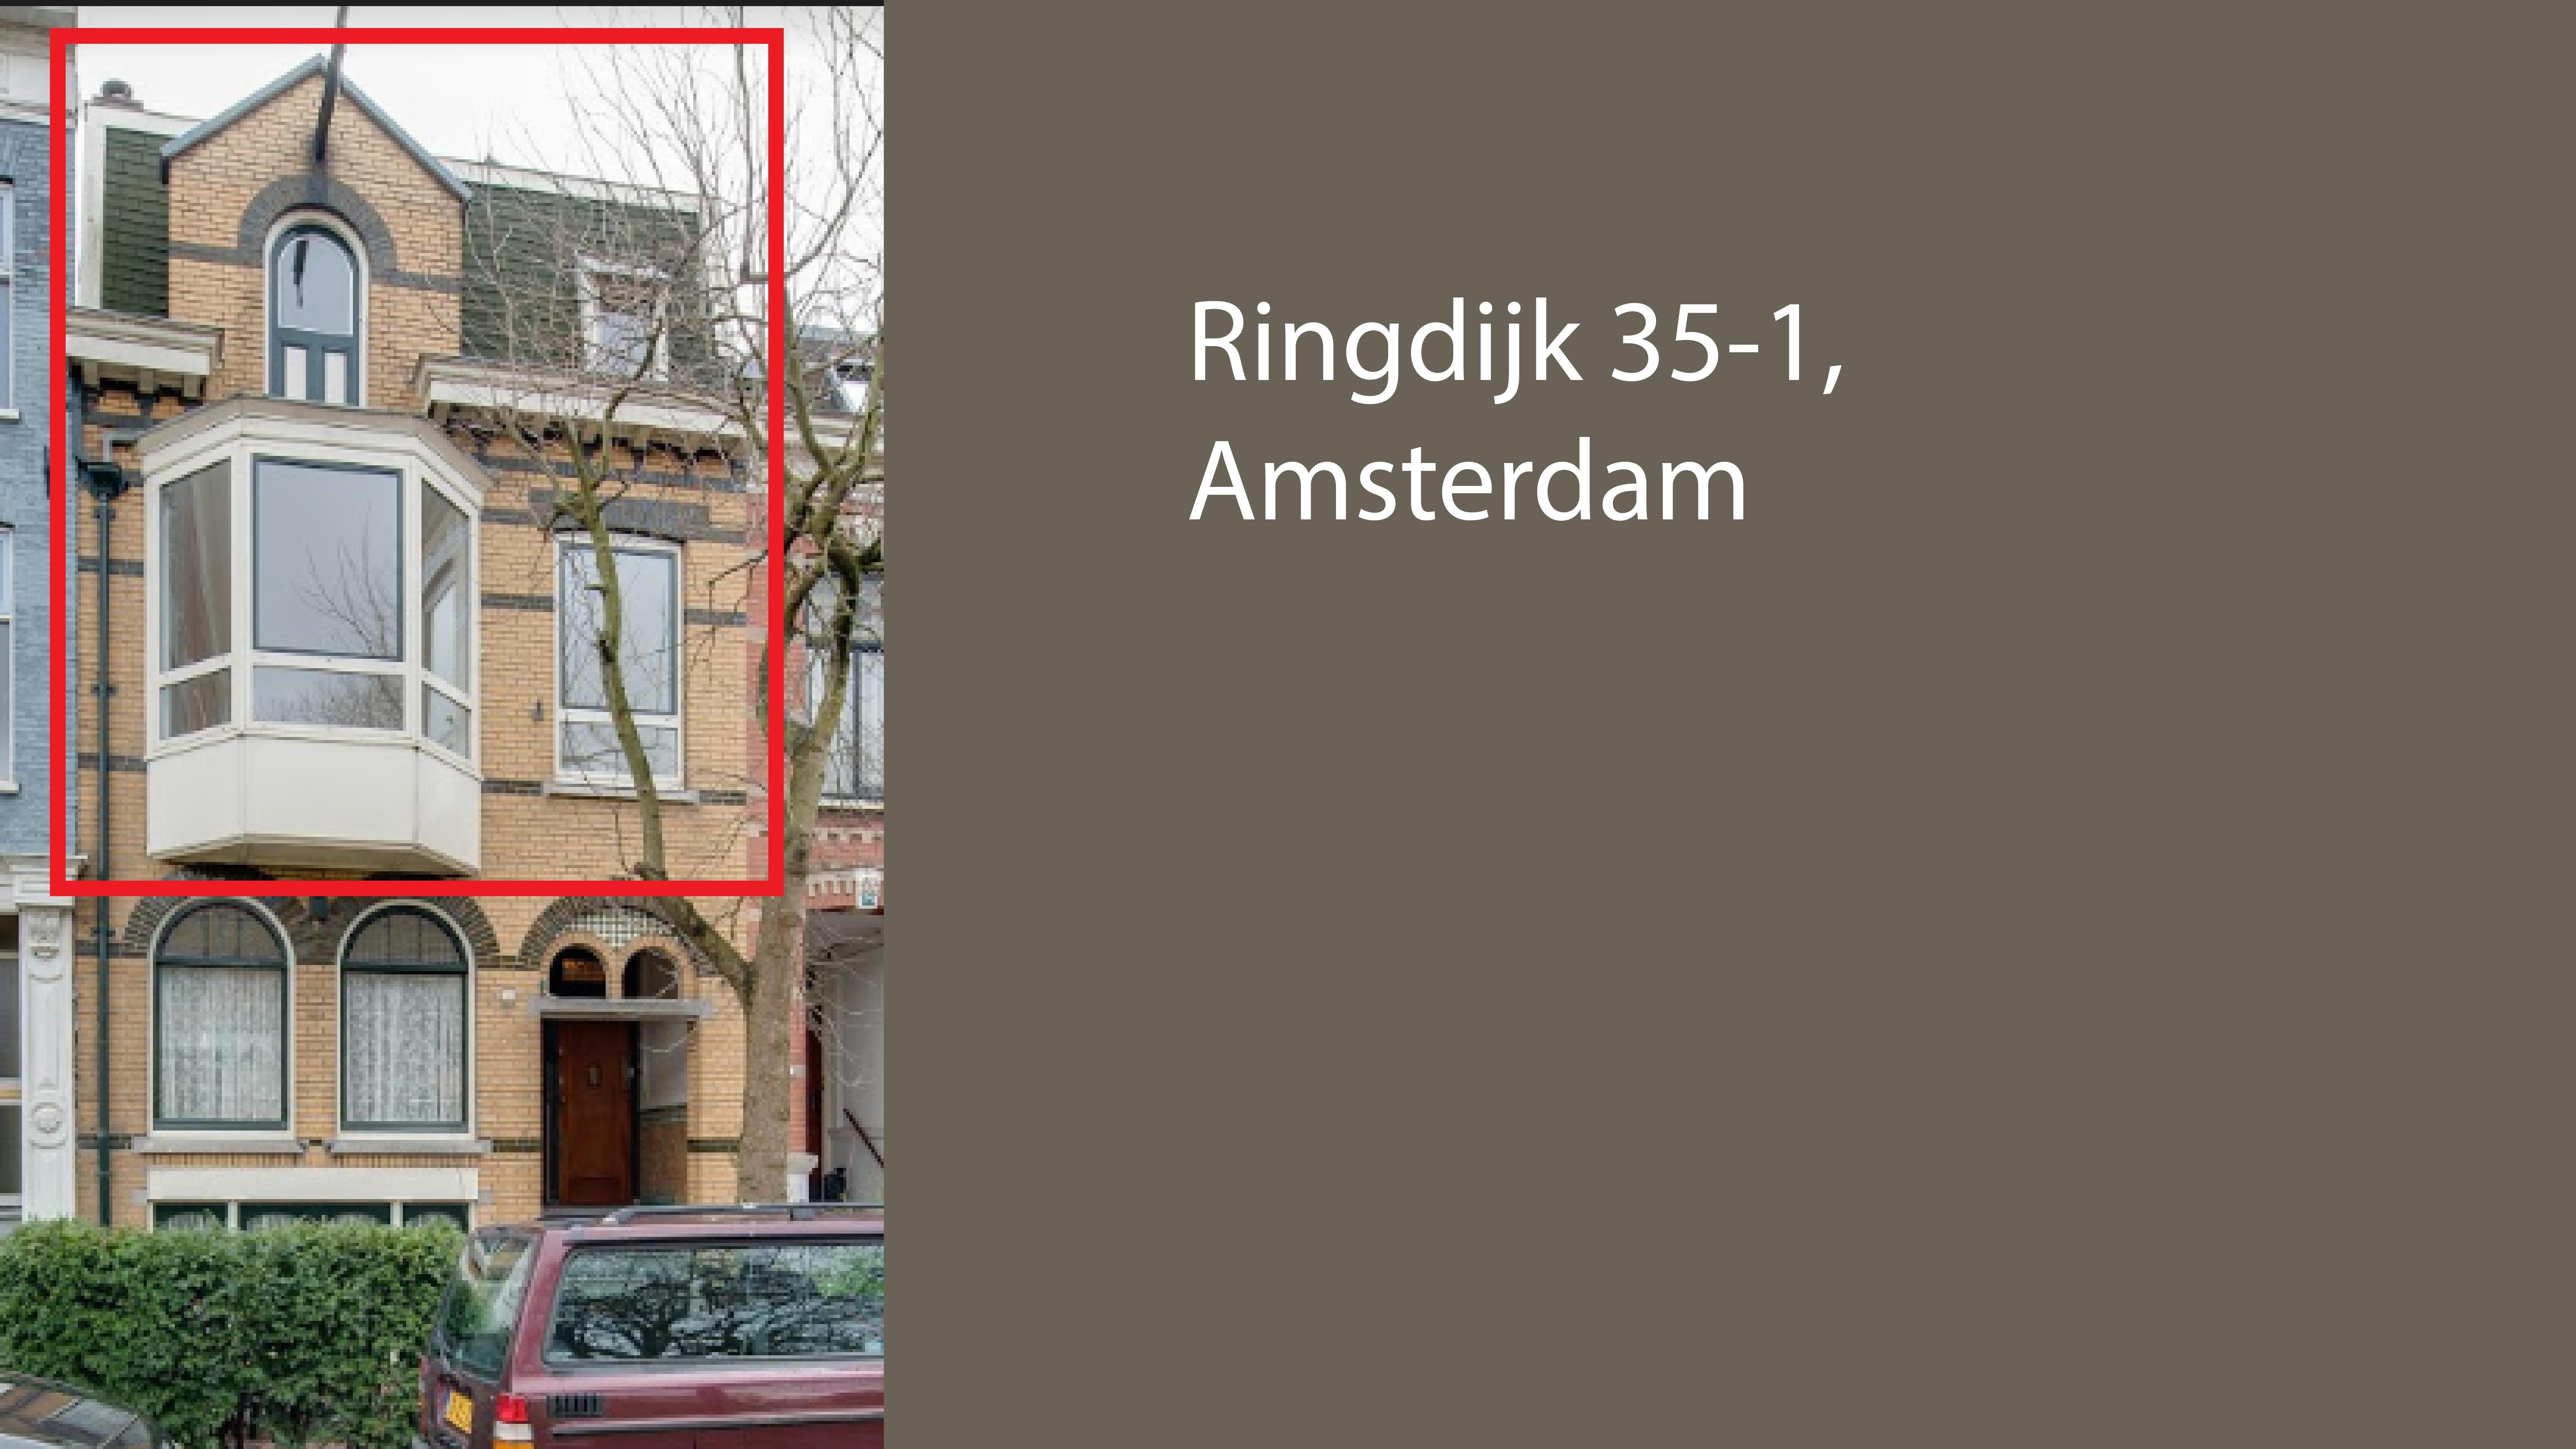 Ringdijk 35-1